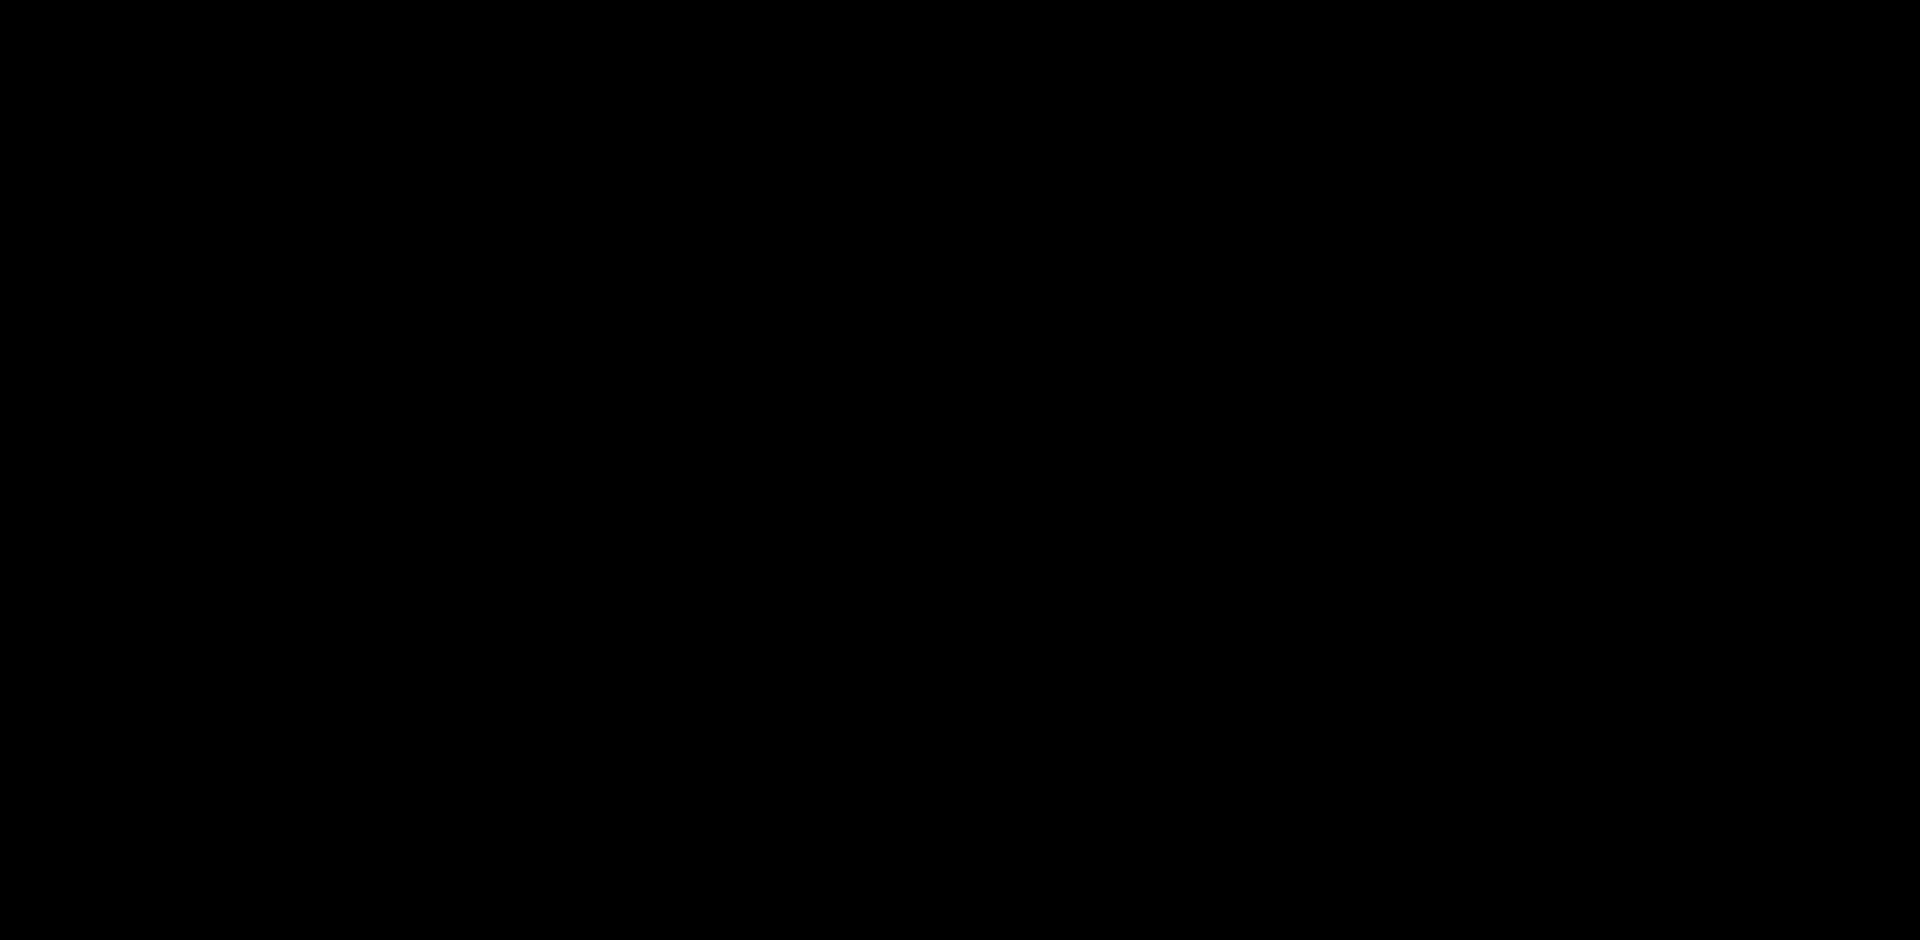 TANUMLoft_plomo_WEB.jpg